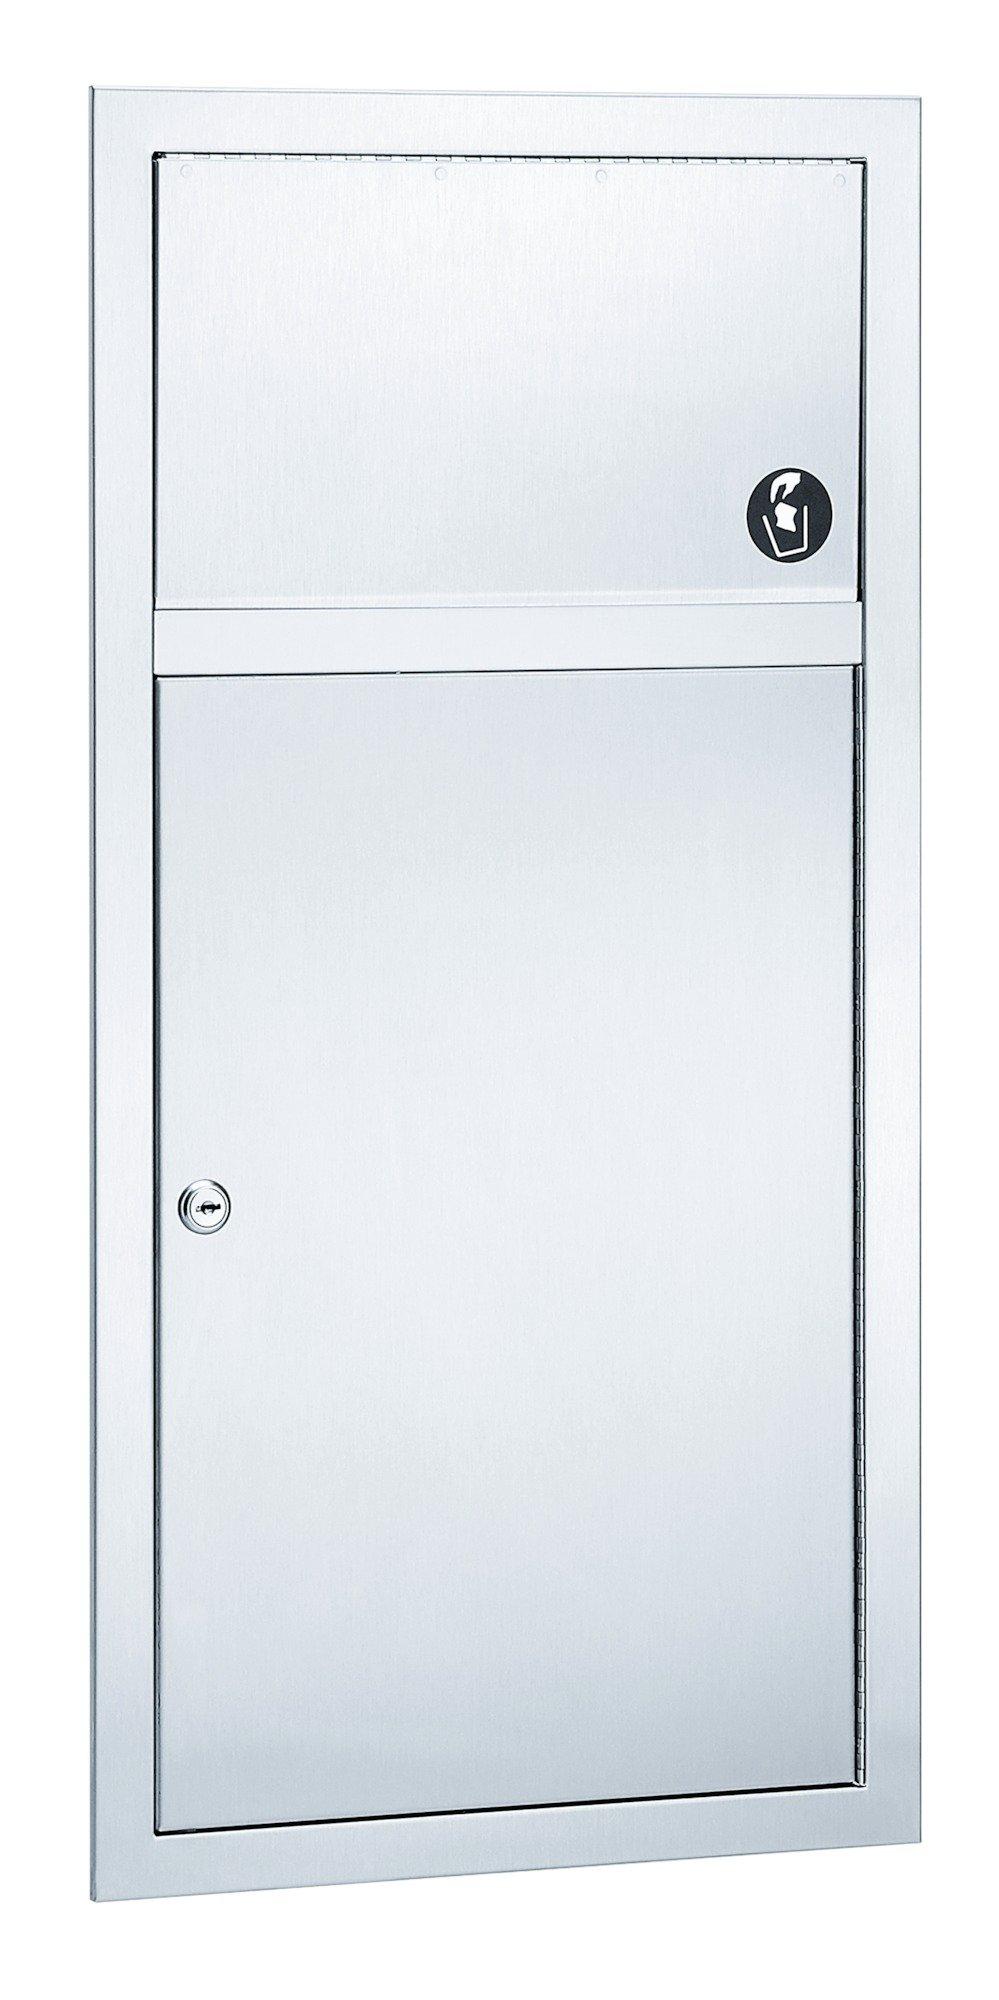 Waste Receptacles 3251-100000 - Accurate Door & Hardware, Inc.